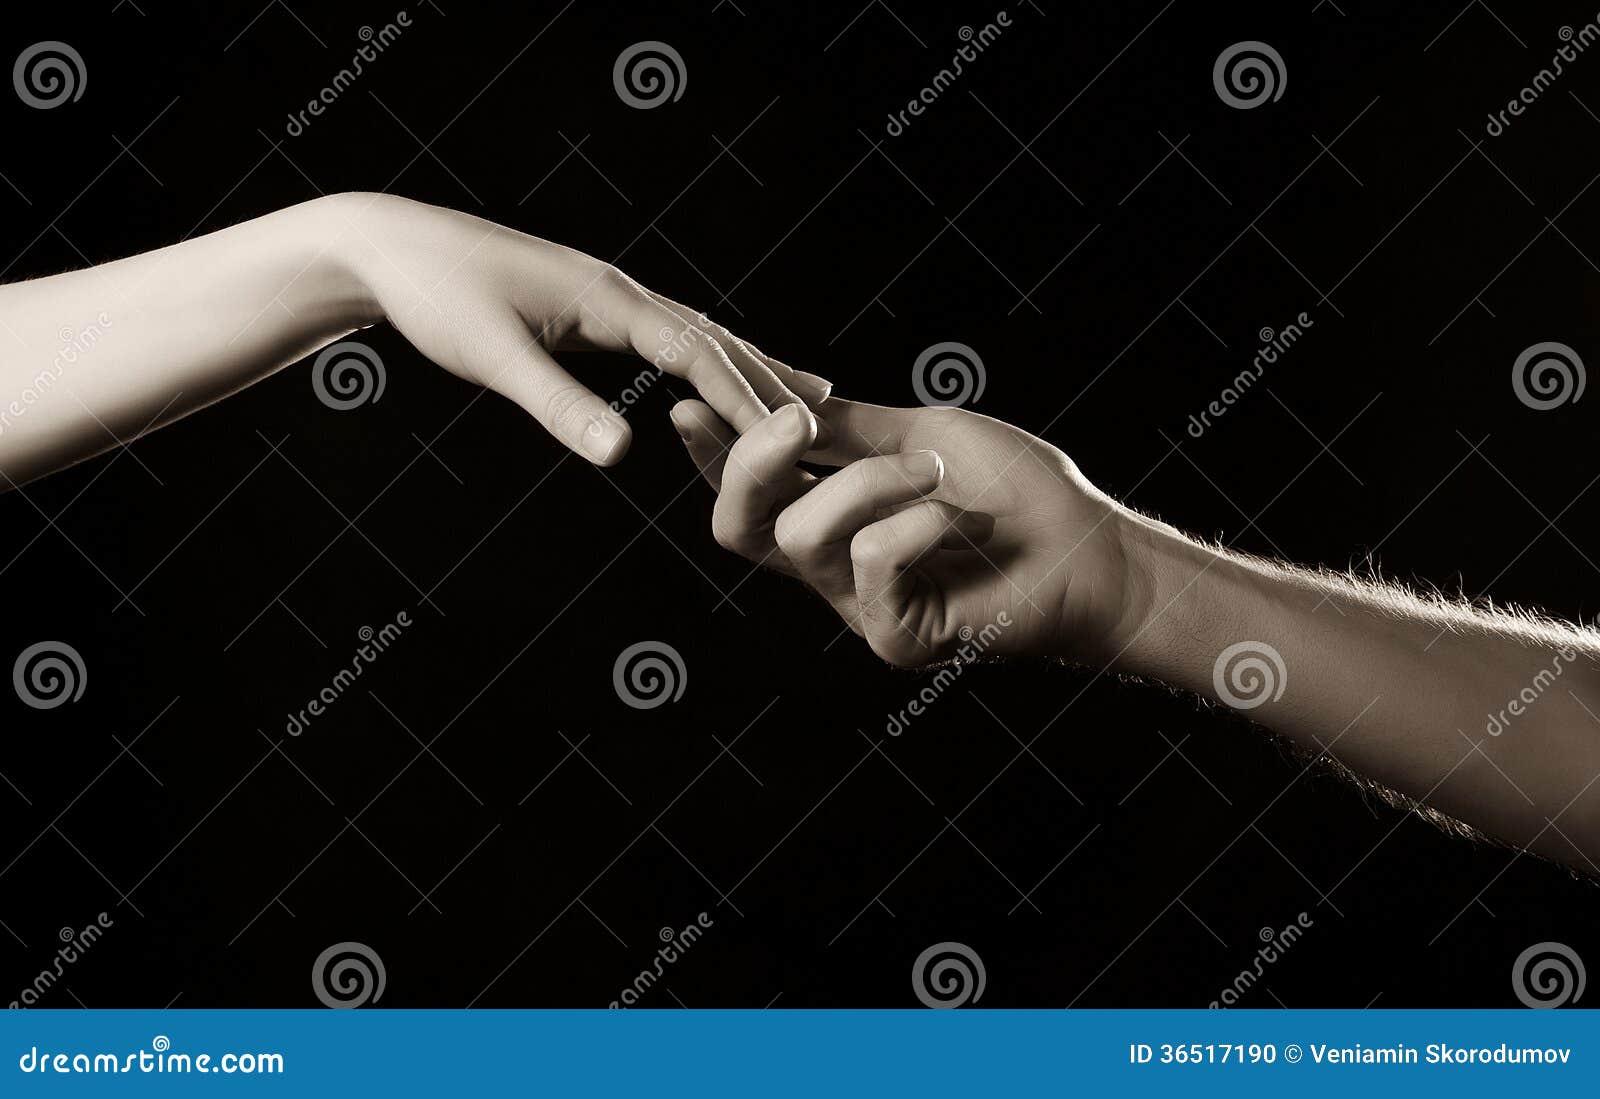 Deux mains se touchant